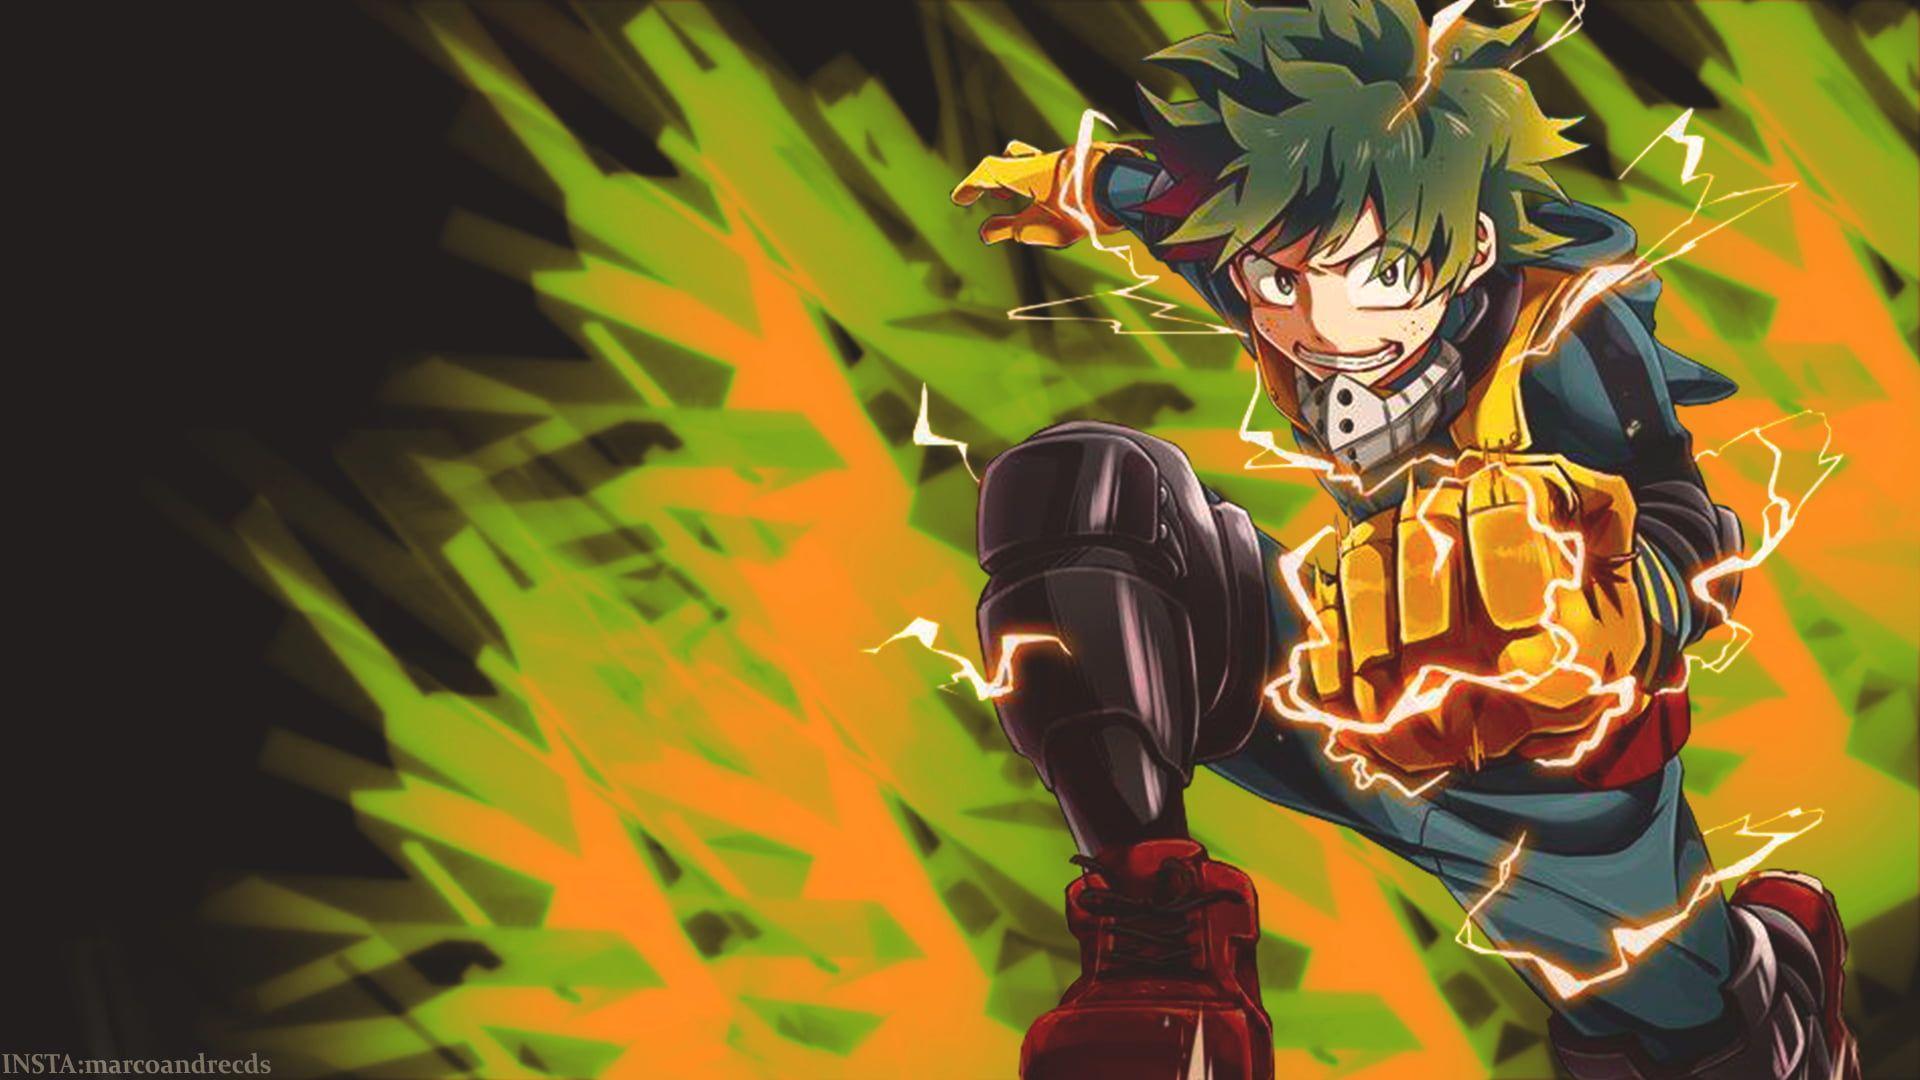 1920x1080 My Hero Academia Deku hình nền, anime, Midoriya Izuku, hành động